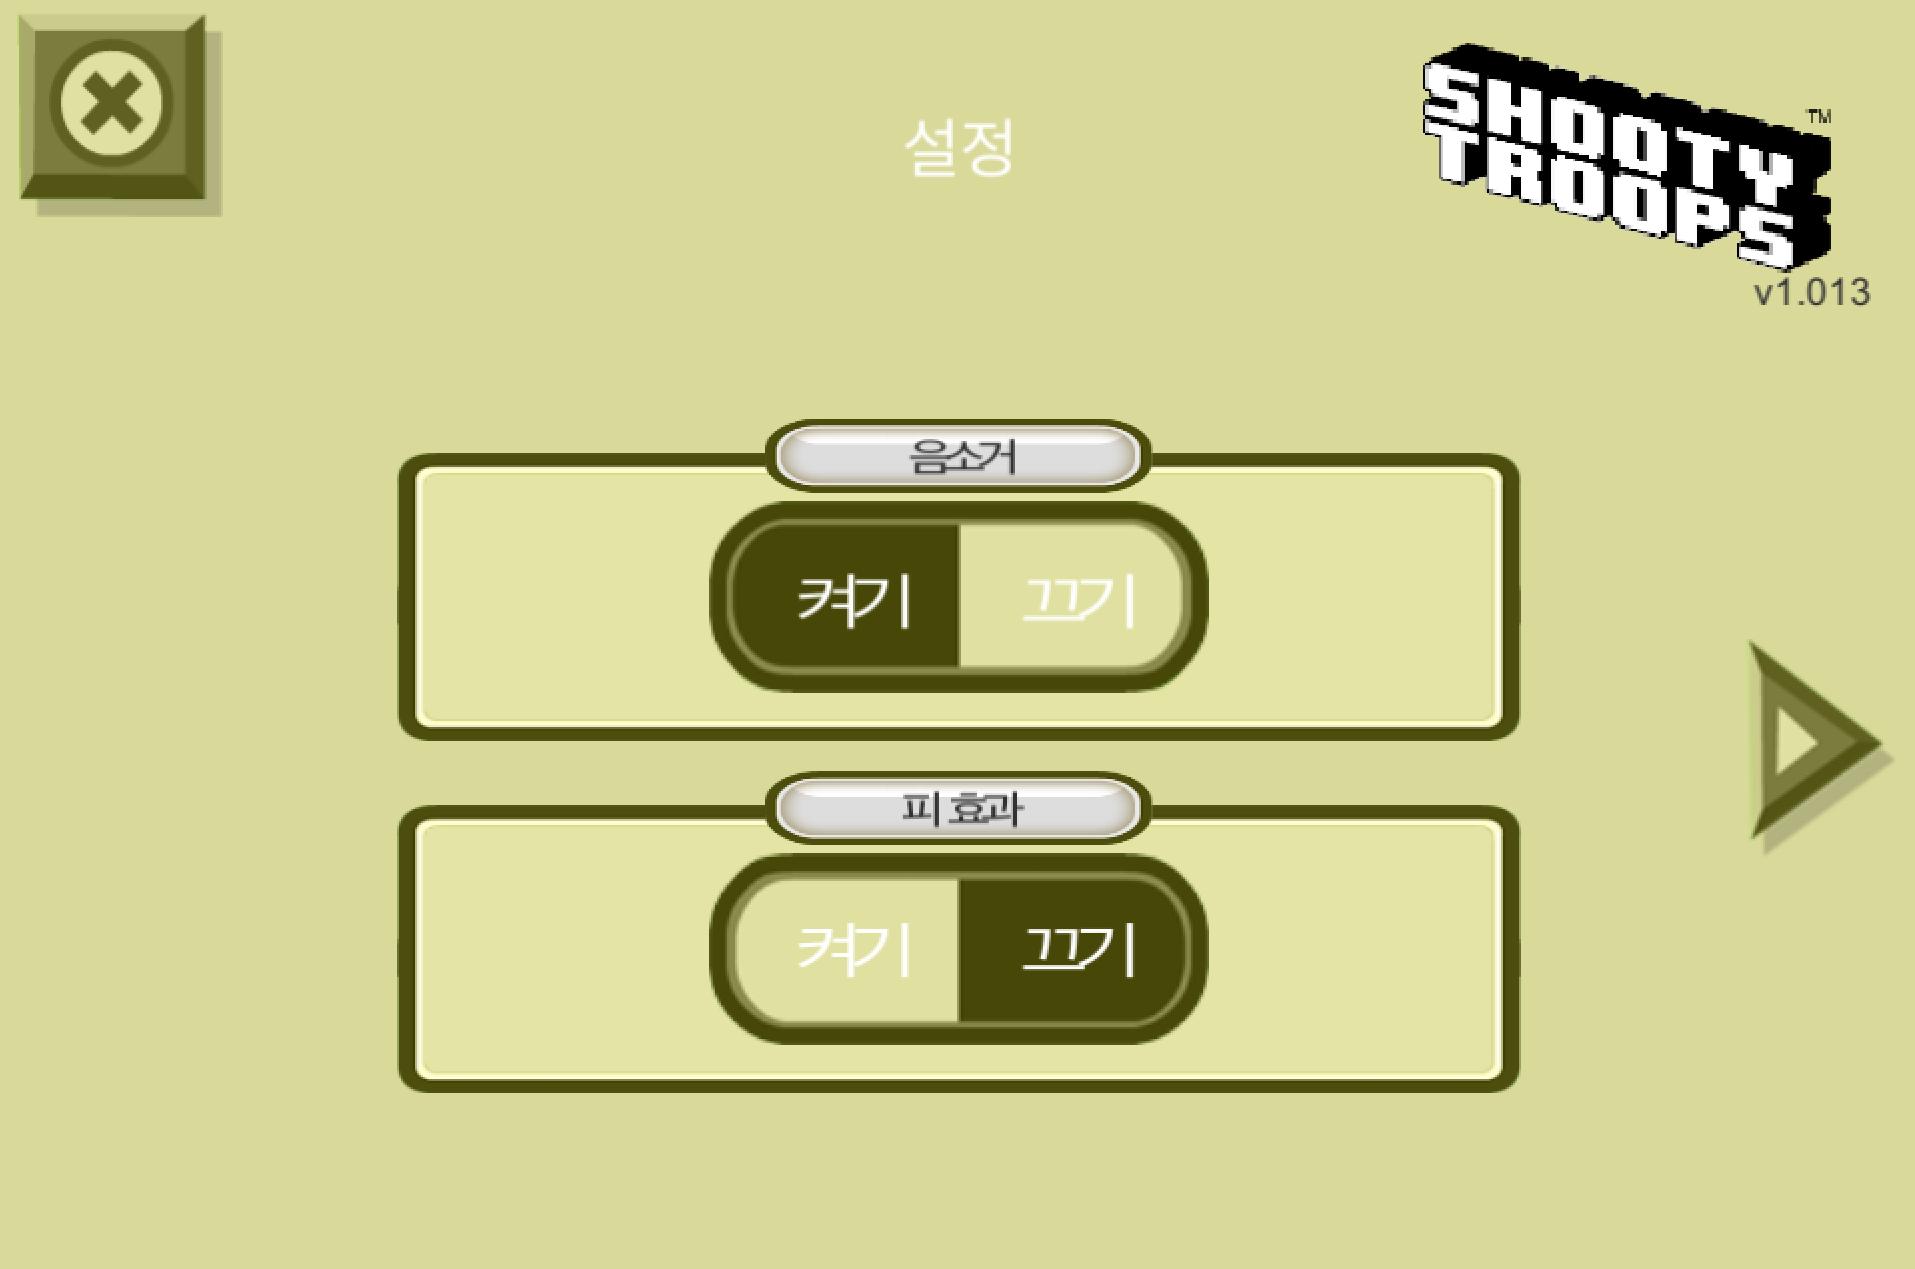 Settings in Korean